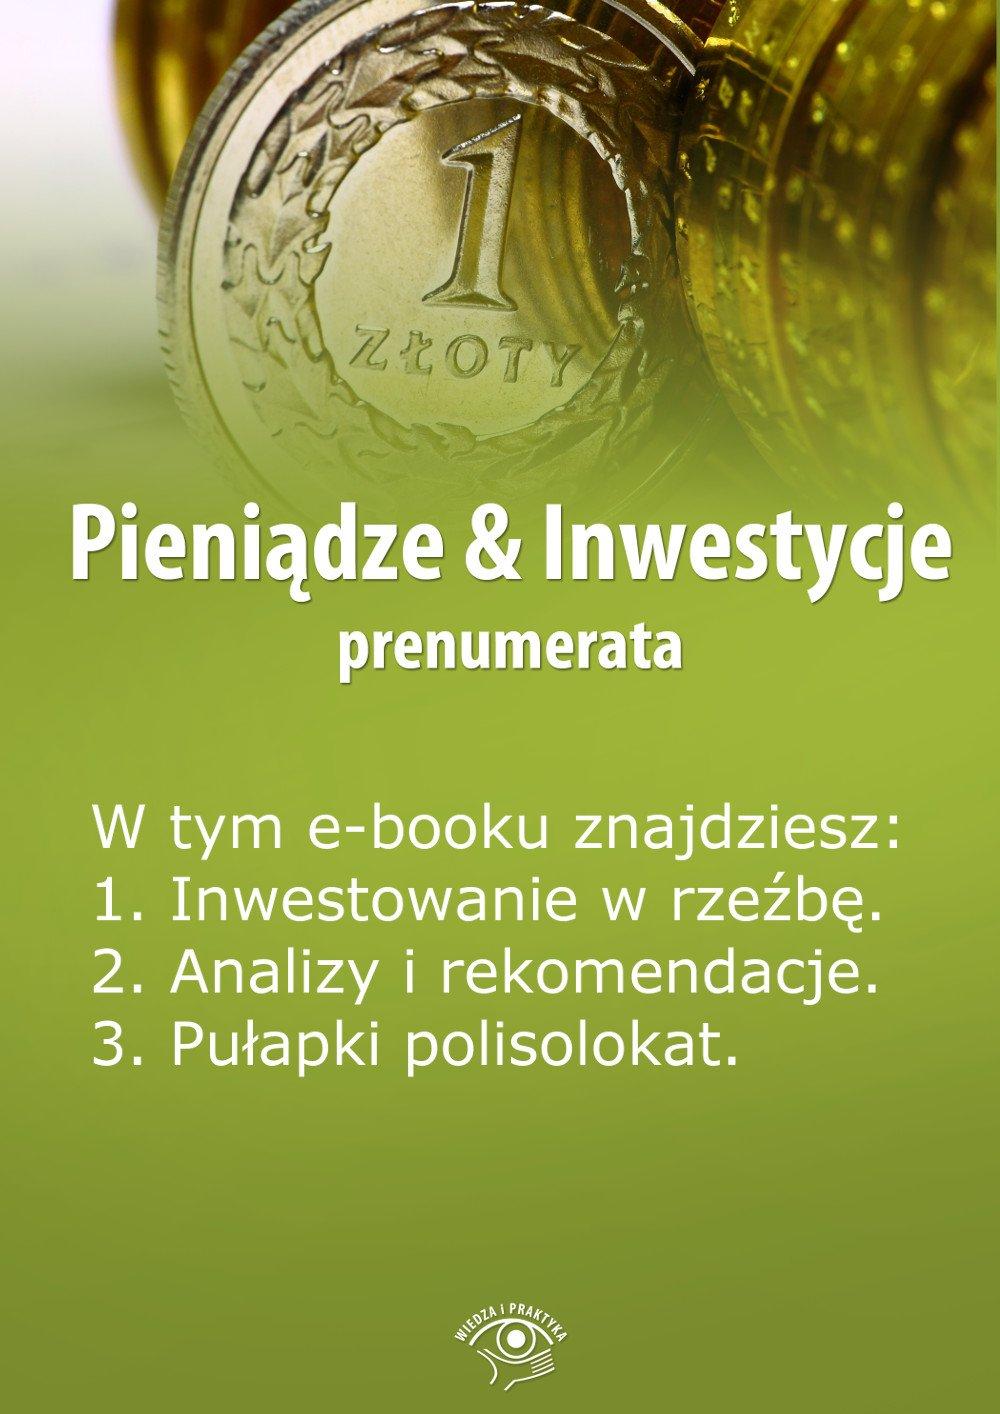 Pieniądze & Inwestycje. Wydanie czerwiec 2014 r. - Ebook (Książka EPUB) do pobrania w formacie EPUB